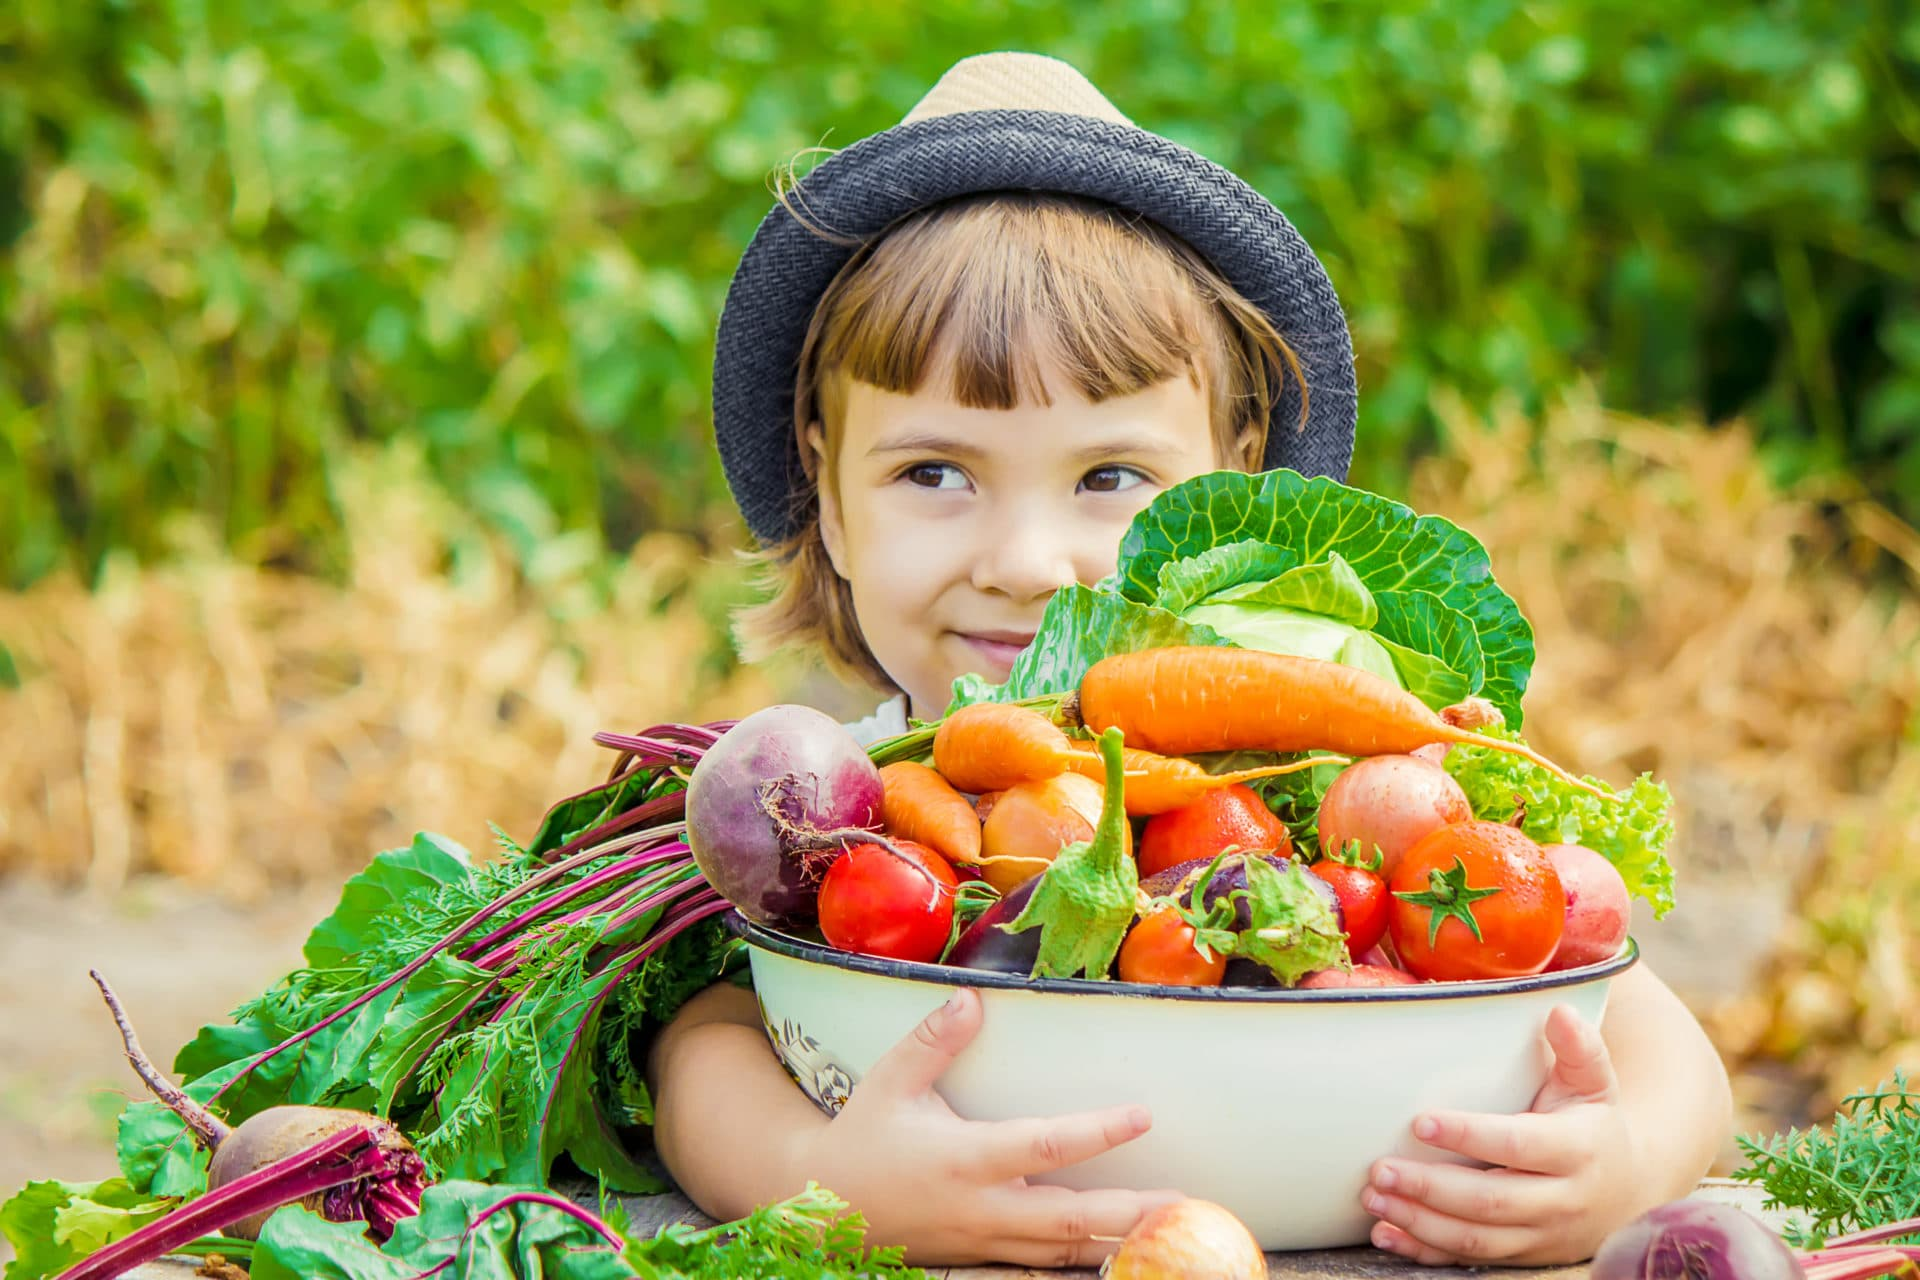 Sebzeleri yiyeceklere gizlemek çocukları nasıl etkiliyor? #3